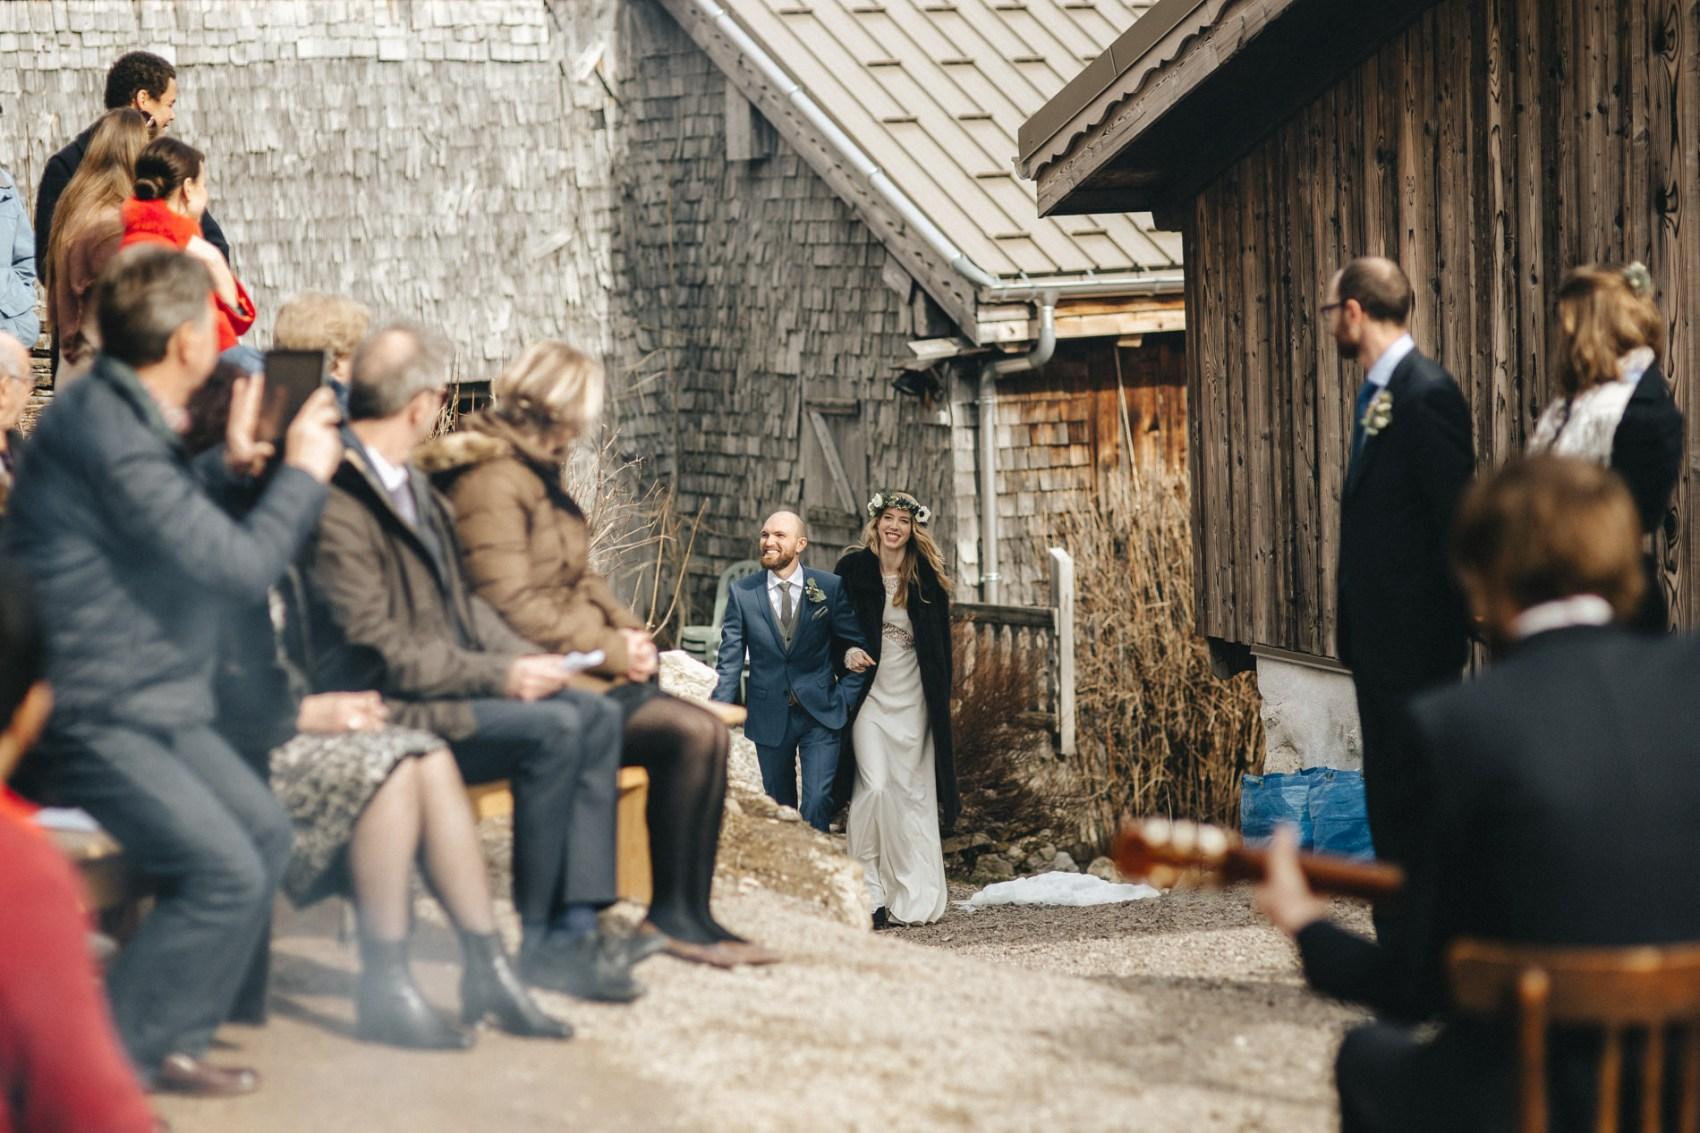 mariage-montagne-le-gite-du-passant-savoie-101.jpg